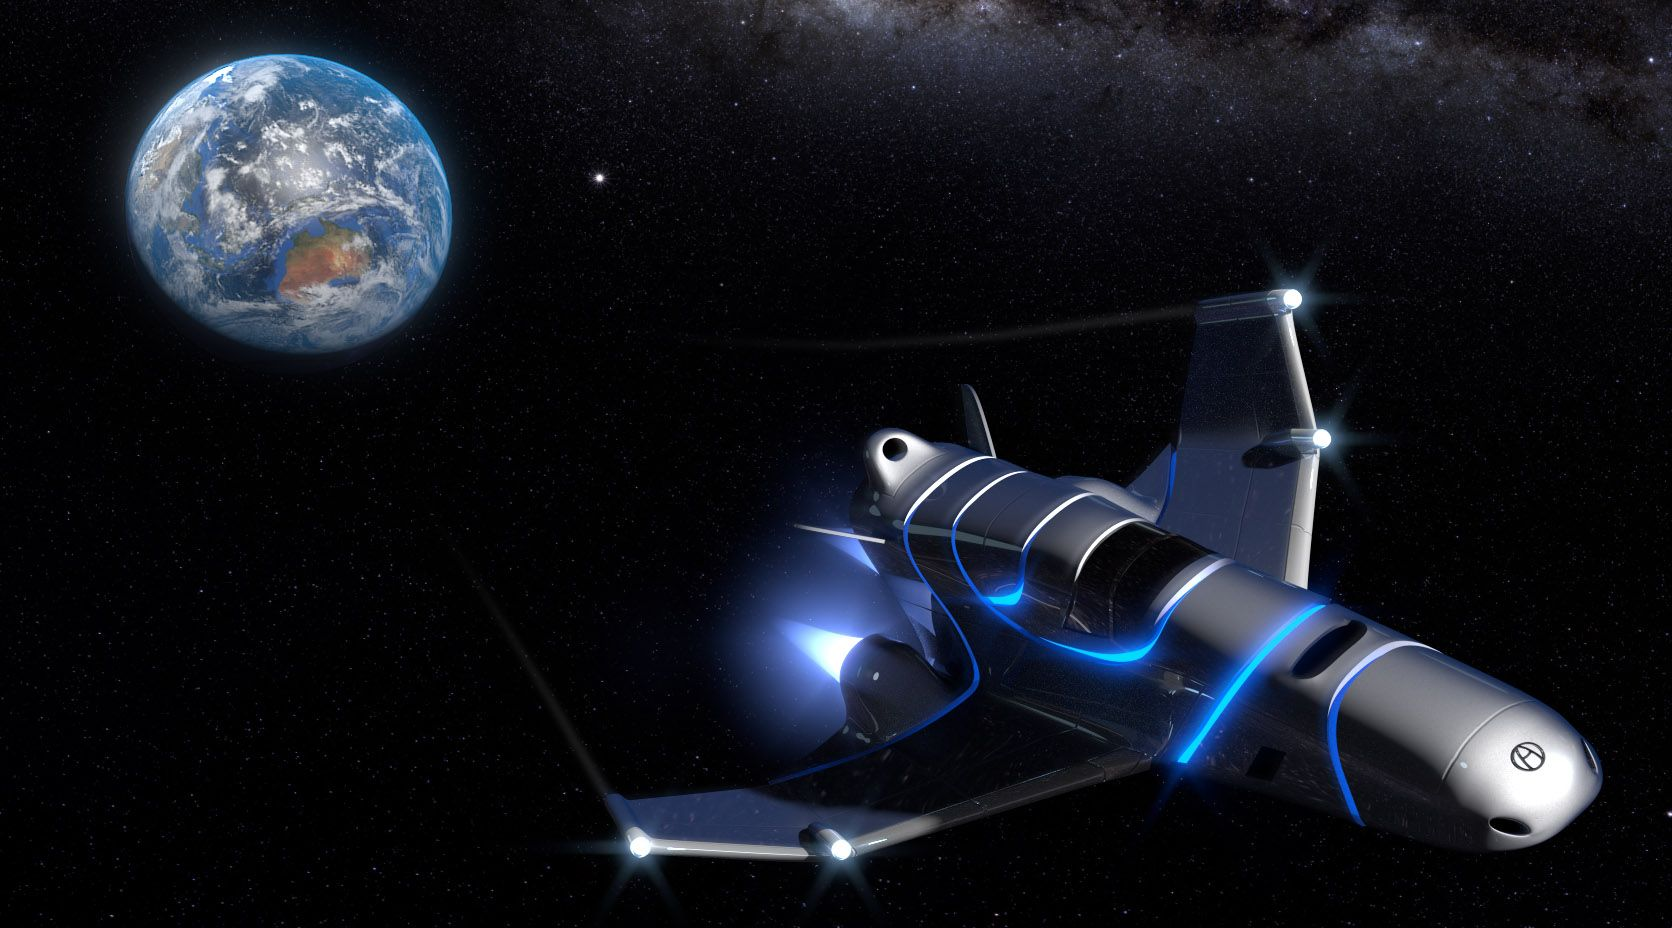 Create a Spaceship - Part 1 of 2 | Blender tutorial, Blender